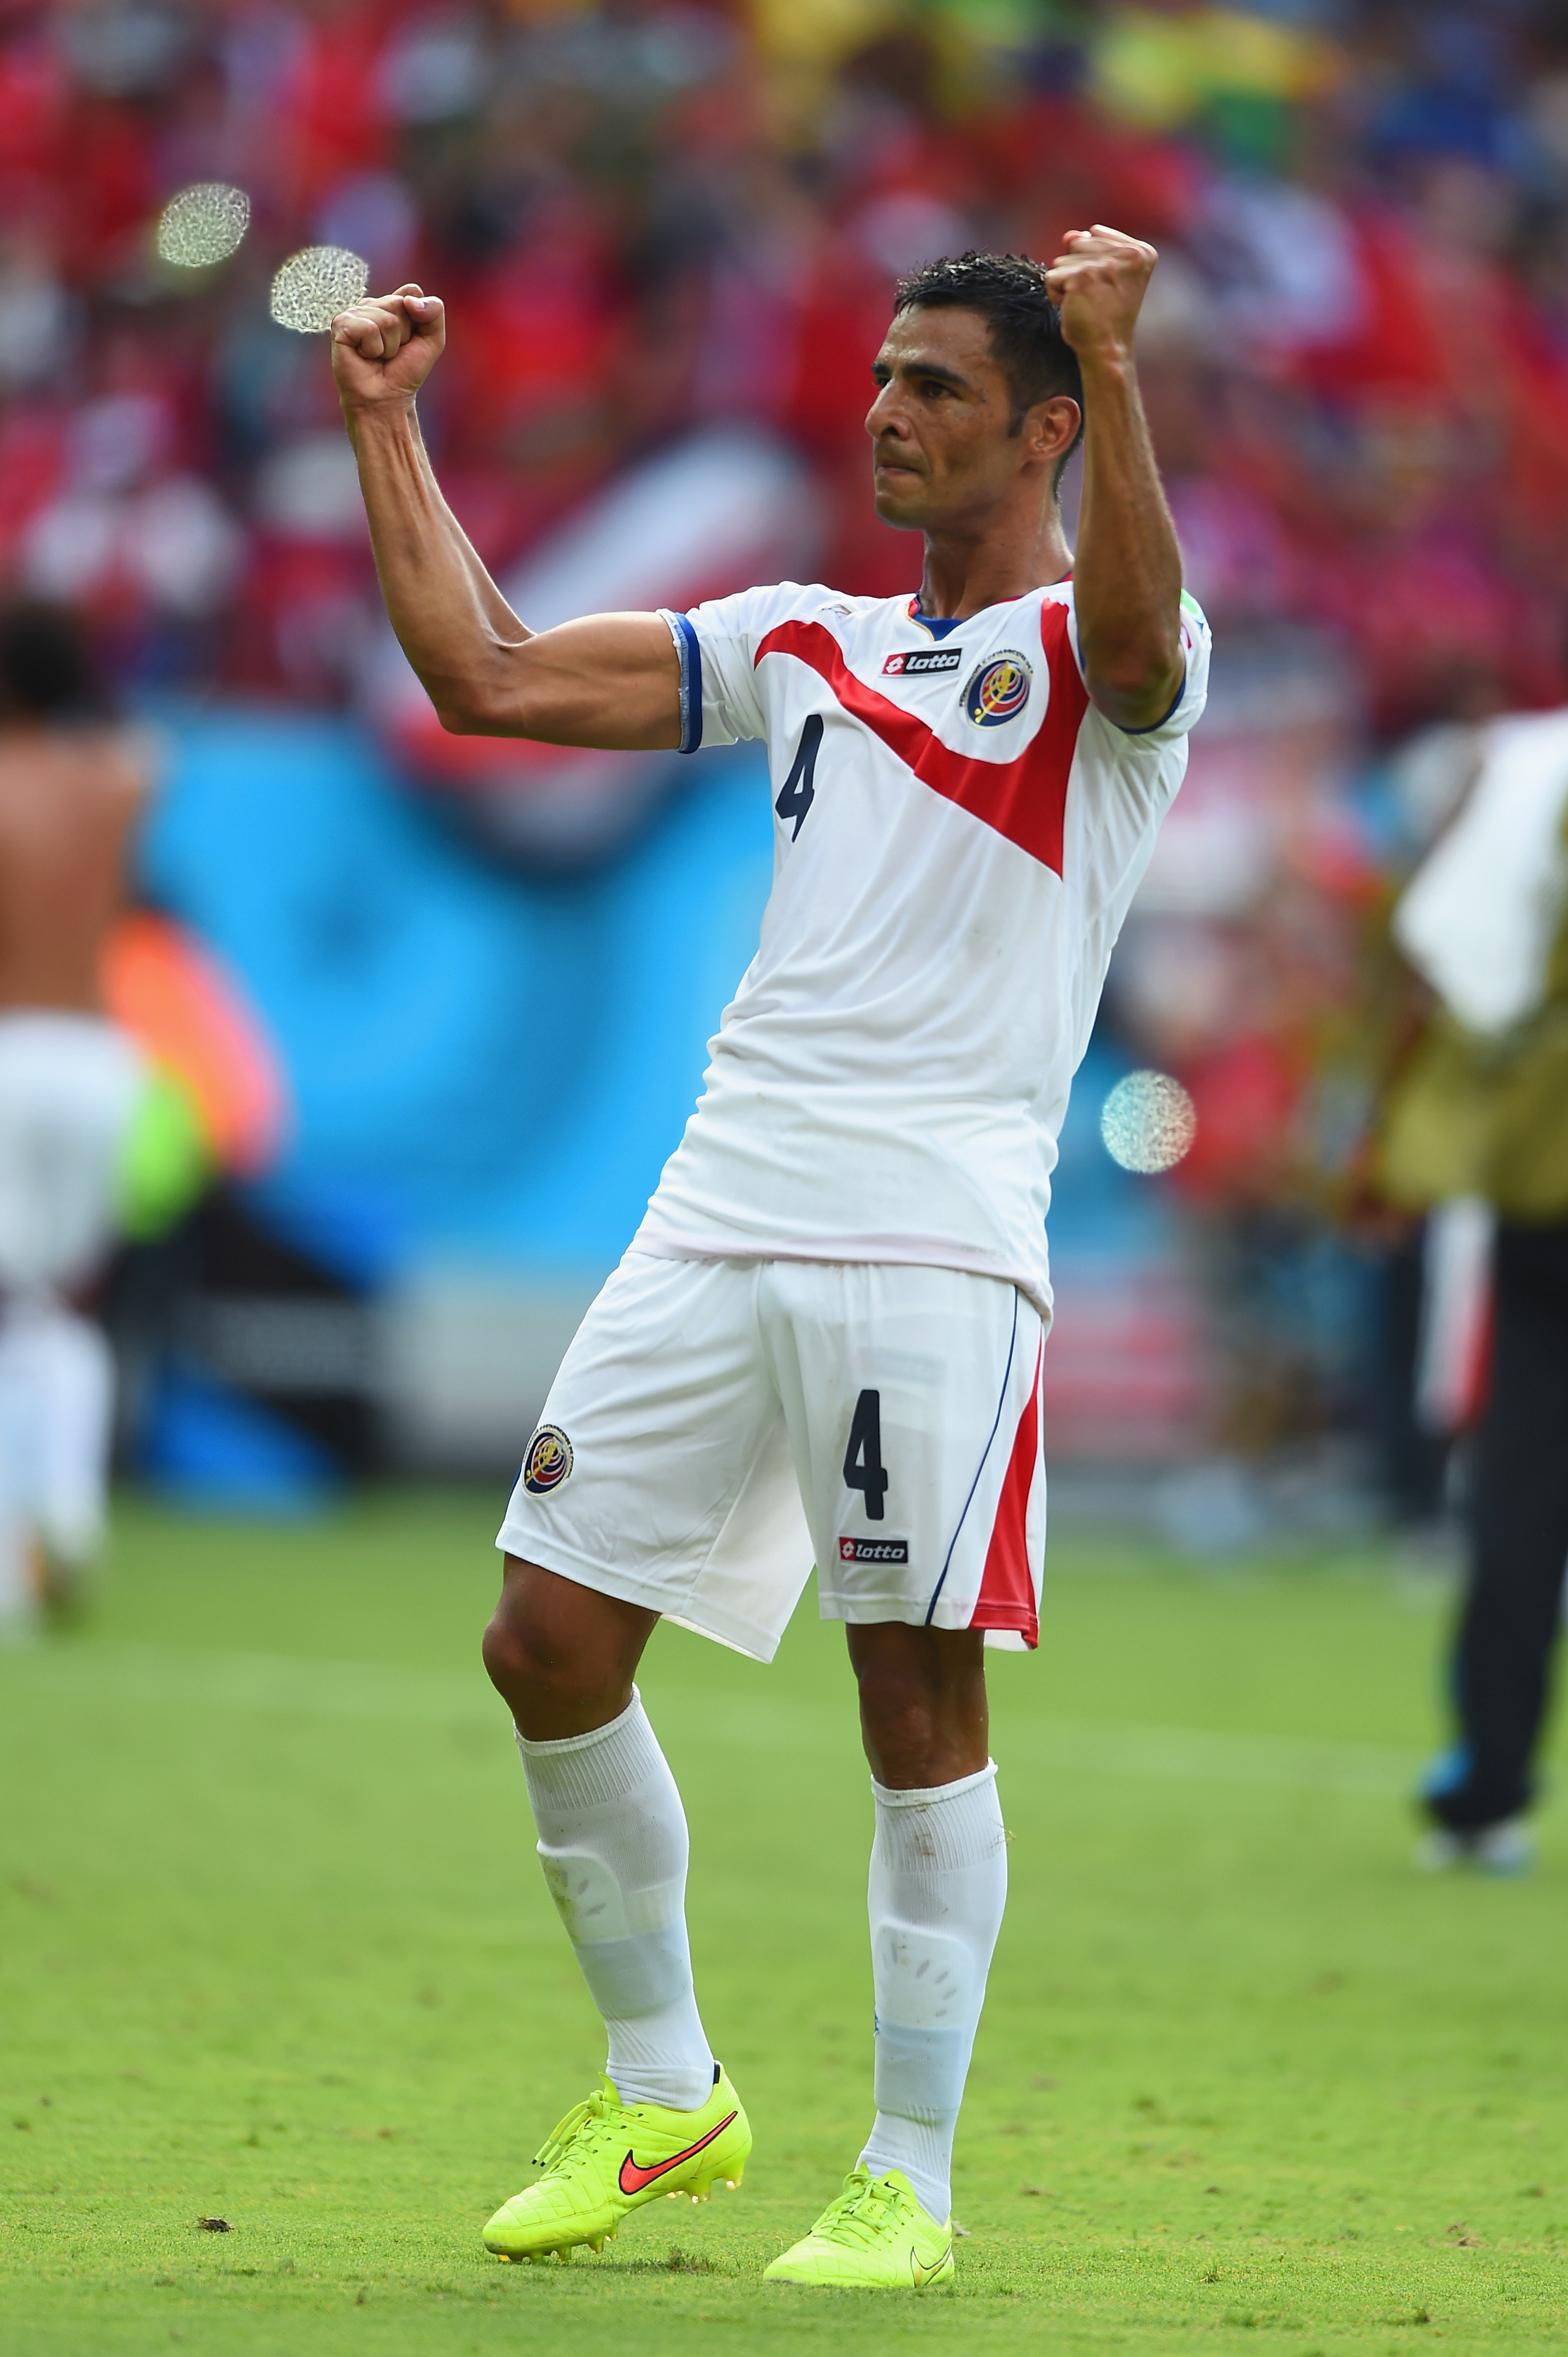 Umaña celebrating after Costa Rica's second consecutive upset.